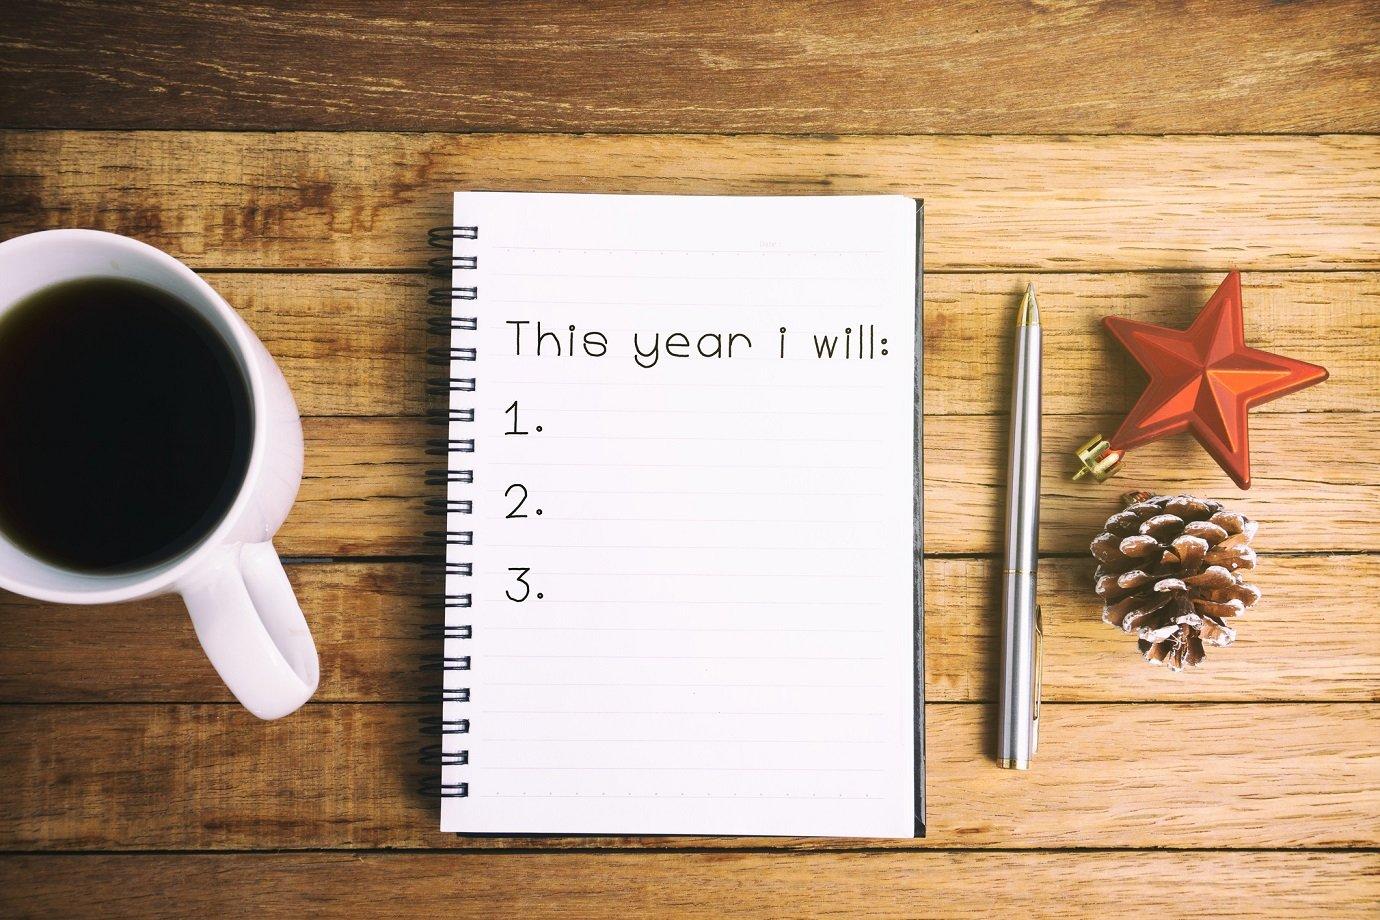 Resoluções e organização de ano novo: veja o sucesso